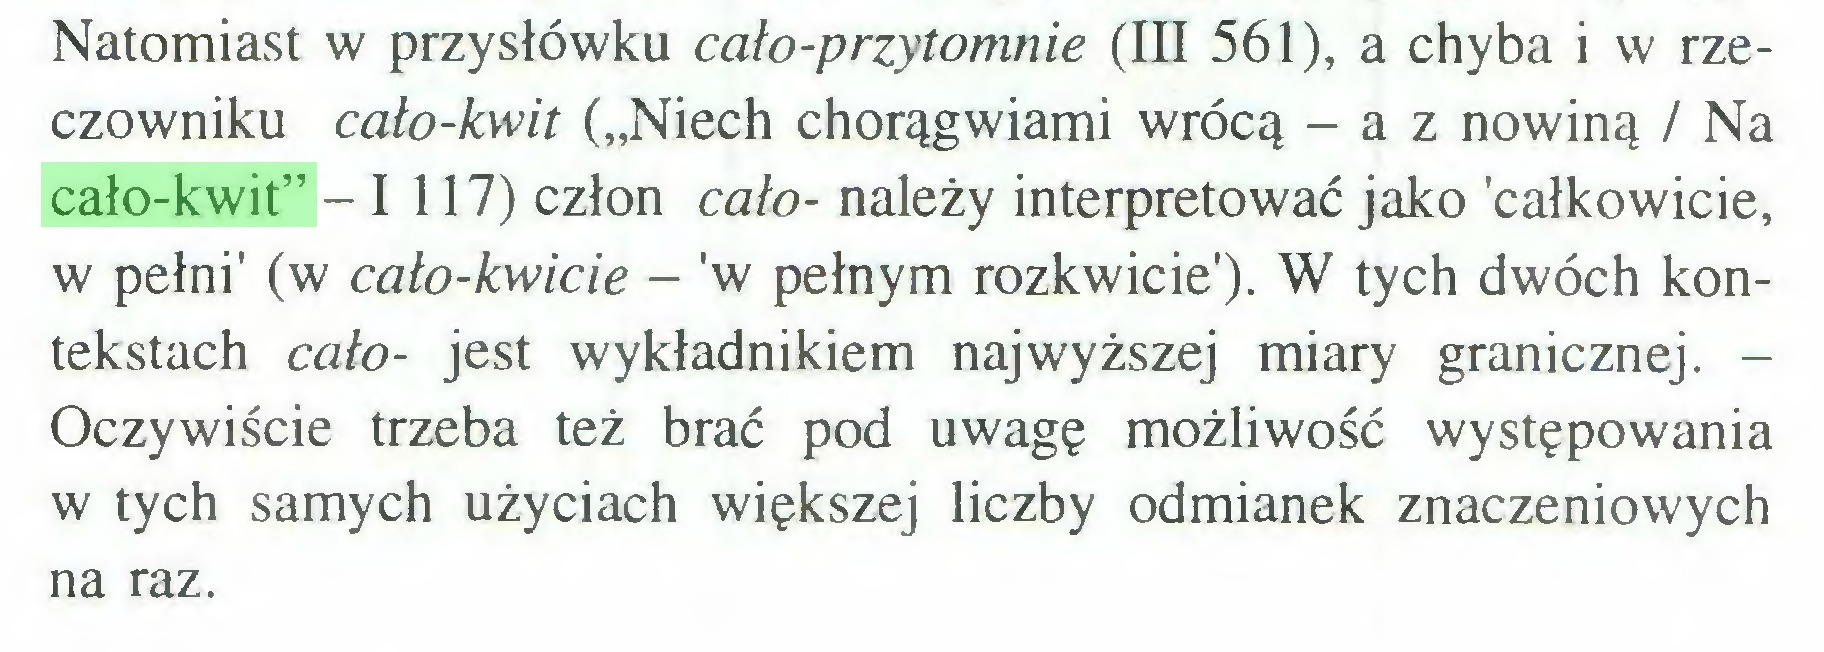 """(...) Natomiast w przysłówku cało-przytomnie (III 561), a chyba i w rzeczowniku cało-kwit (""""Niech chorągwiami wrócą - a z nowiną / Na cało-kwit"""" -1 117) człon cało- należy interpretować jako 'całkowicie, w pełni' (w cało-kwicie - 'w pełnym rozkwicie'). W tych dwóch kontekstach cało- jest wykładnikiem najwyższej miary granicznej. Oczywiście trzeba też brać pod uwagę możliwość występowania w tych samych użyciach większej liczby odmianek znaczeniowych na raz..."""